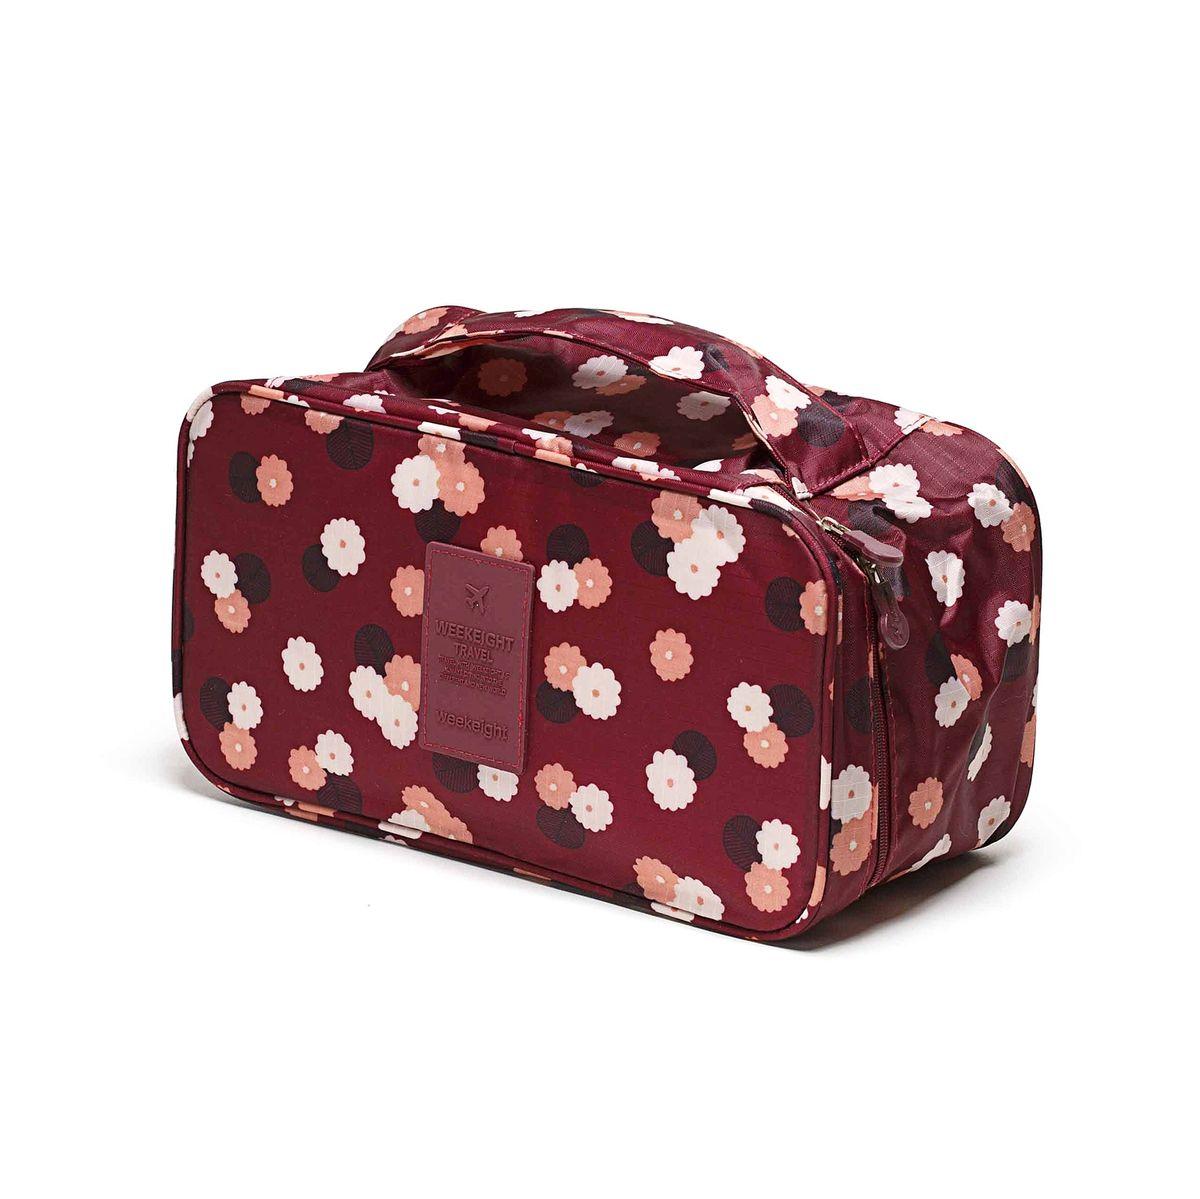 Косметичка-органайзер Homsu Цветок, цвет: бордовый, белый, розовый, 28 x 13 x 15 см6901СКосметичка-органайзер Homsu Цветок выполнена из высококачественного полиэстера. Закрывается изделие на застежку-молнию. Внутри имеется 4 отделения для мелочей, а также дополнительная сумочка размером 22 х 14 см, которая крепится к косметичке посредством липучки и надежно защищает ваши вещи за счет удобной молнии. Теперь вы сможете всегда брать с собой все, что вам может понадобиться. Сверху органайзера имеется ручка для удобной переноски. Косметичка-органайзер Homsu Цветок станет незаменимым аксессуаром для любой девушки.Размер косметички: 28 х 13 х 15 см. Размер сумочки: 22 х 14 см.